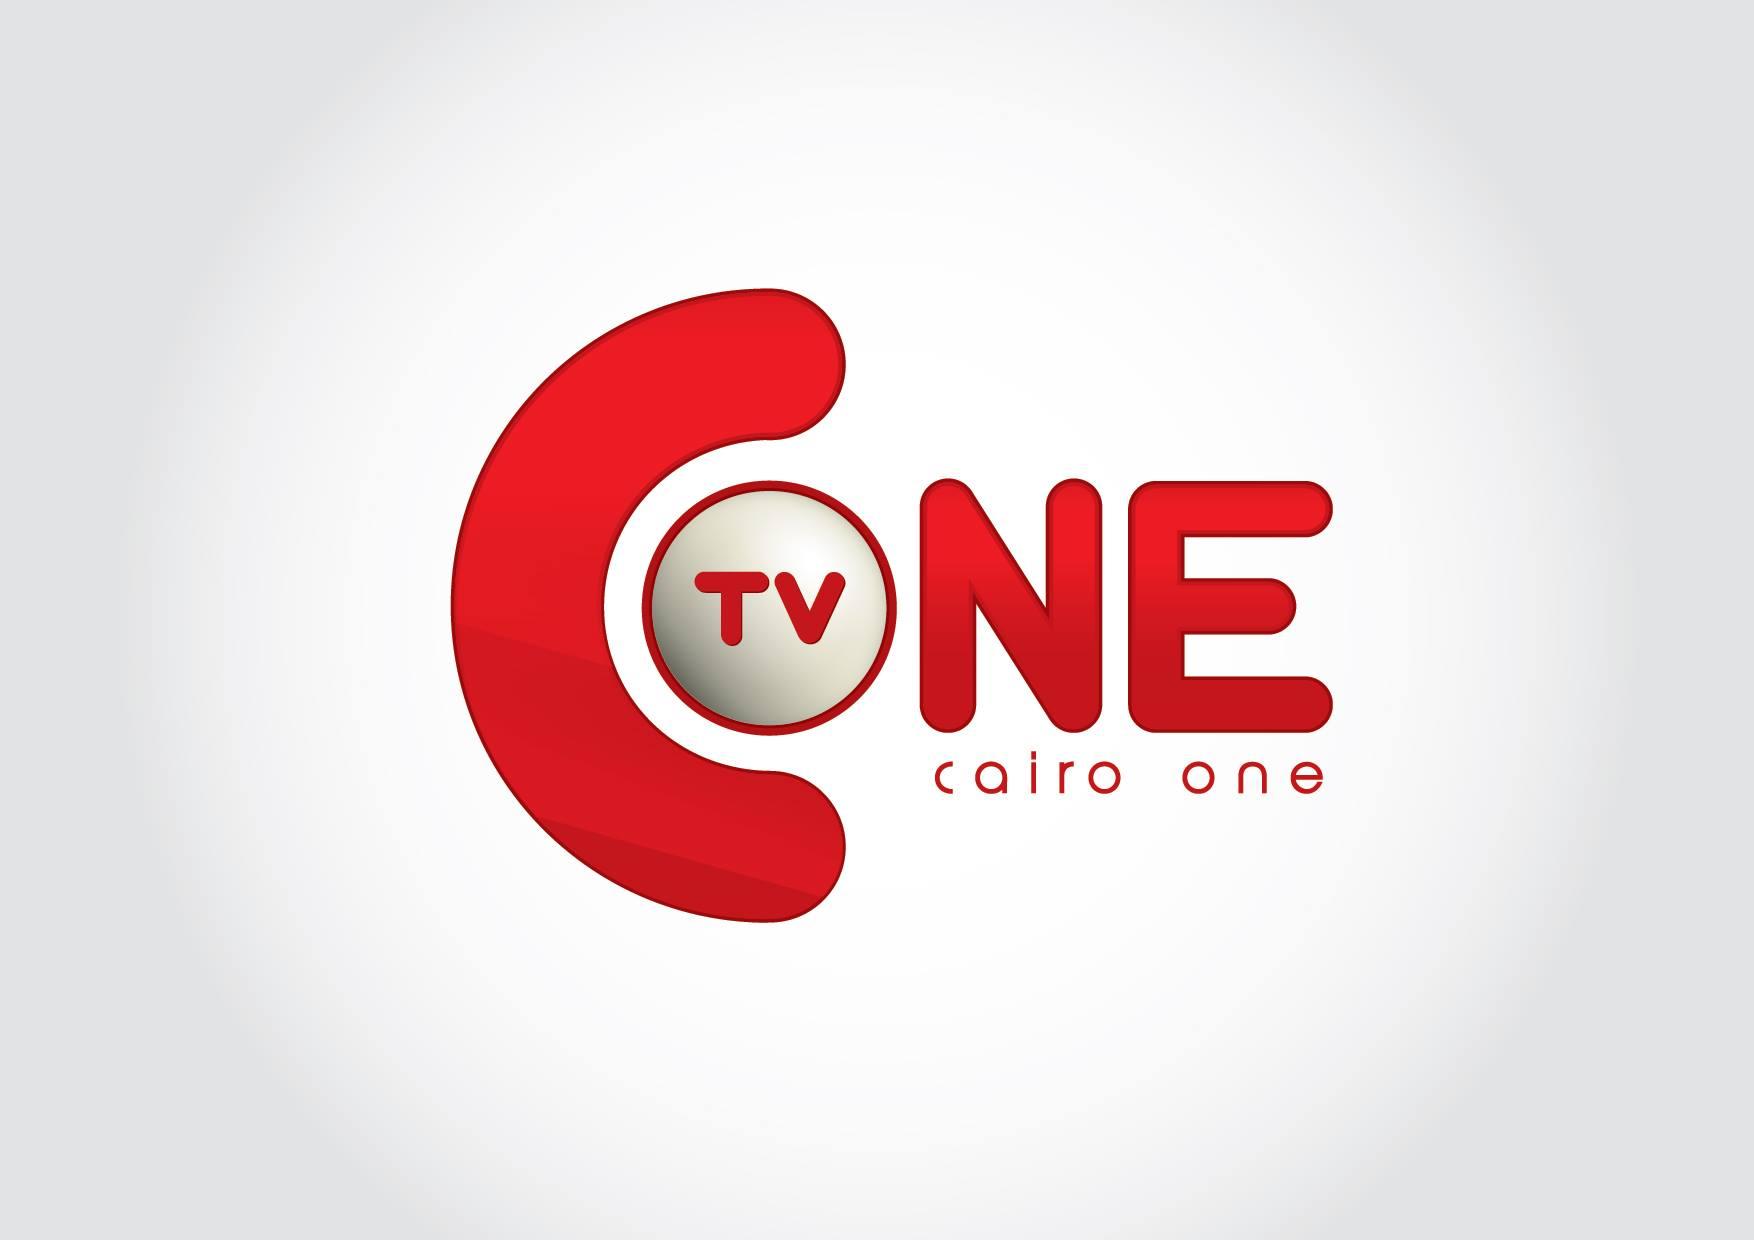 ���� ���� ���� ����� ��� CAIRO ONE TV ��������